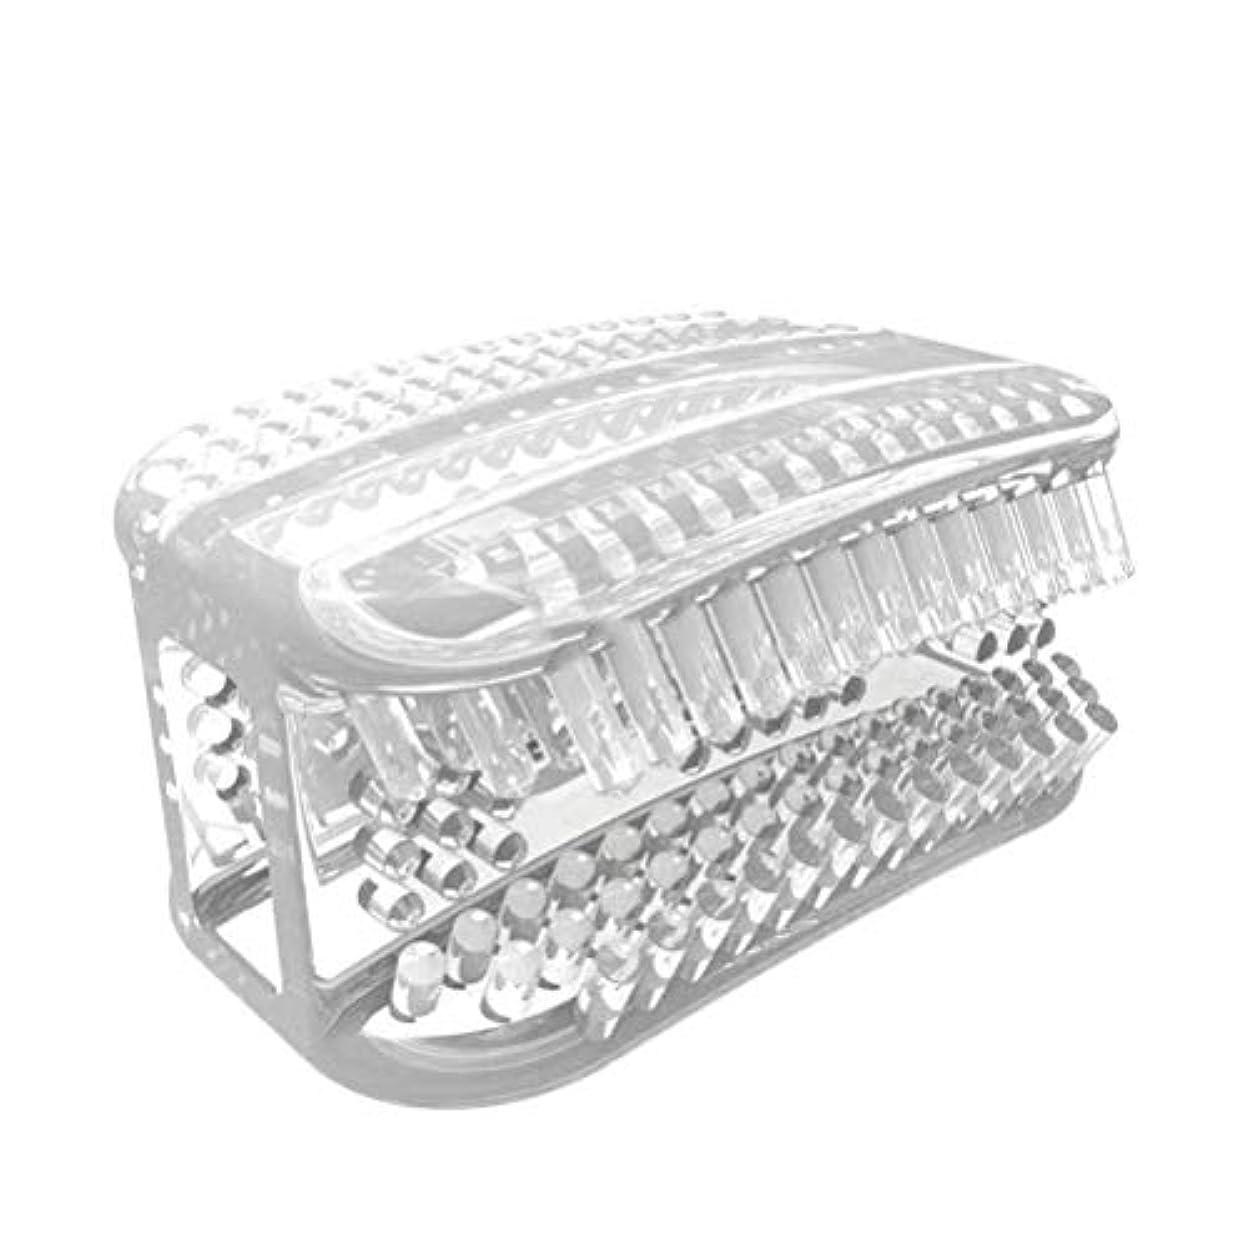 スムーズに旧正月不透明なHealifty 便利な歯ブラシ怠惰な咀嚼ポータブルミニホワイトニング歯ブラシ歯のクリーニングツール(透明ホワイト)